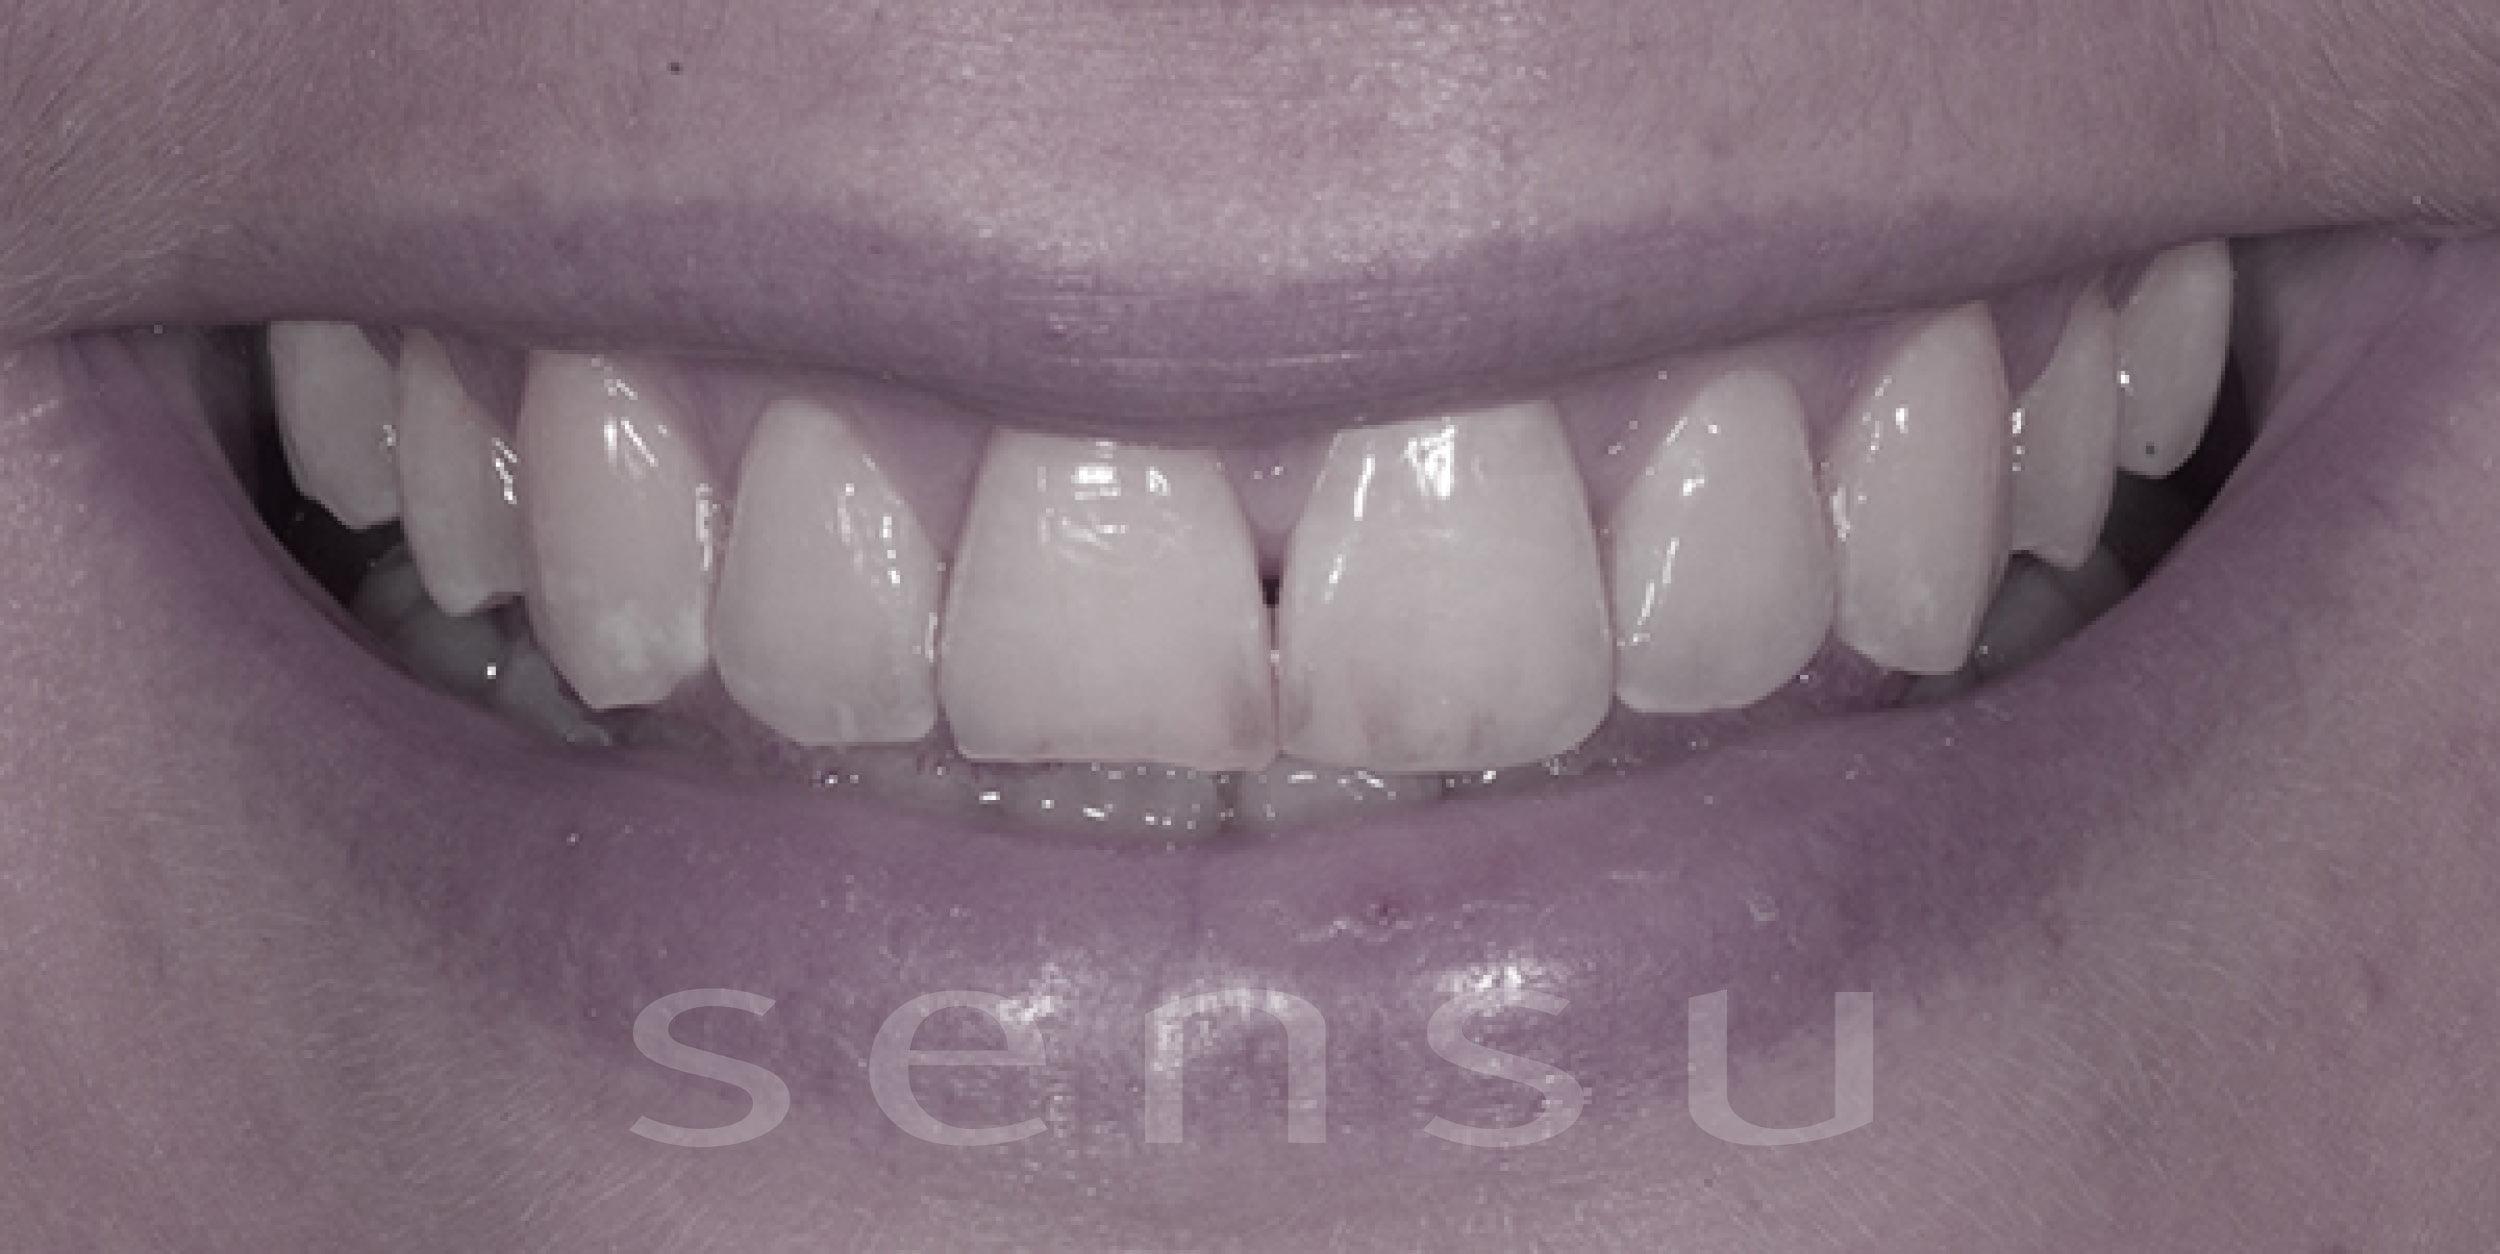 Teeth bonding before